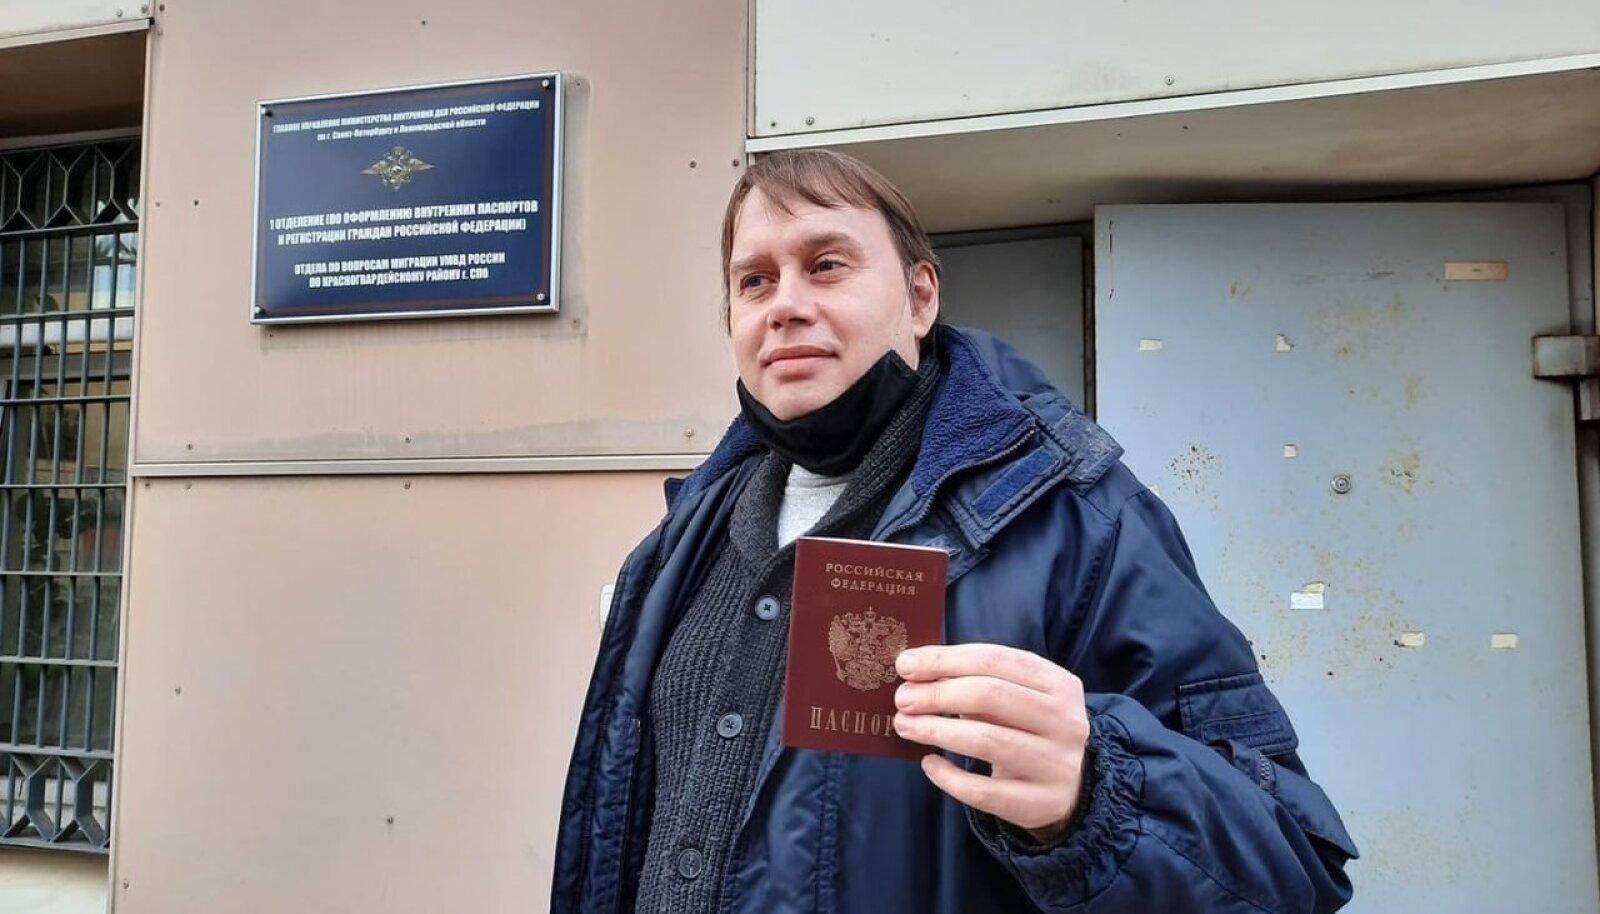 Aleksei Nikonorov